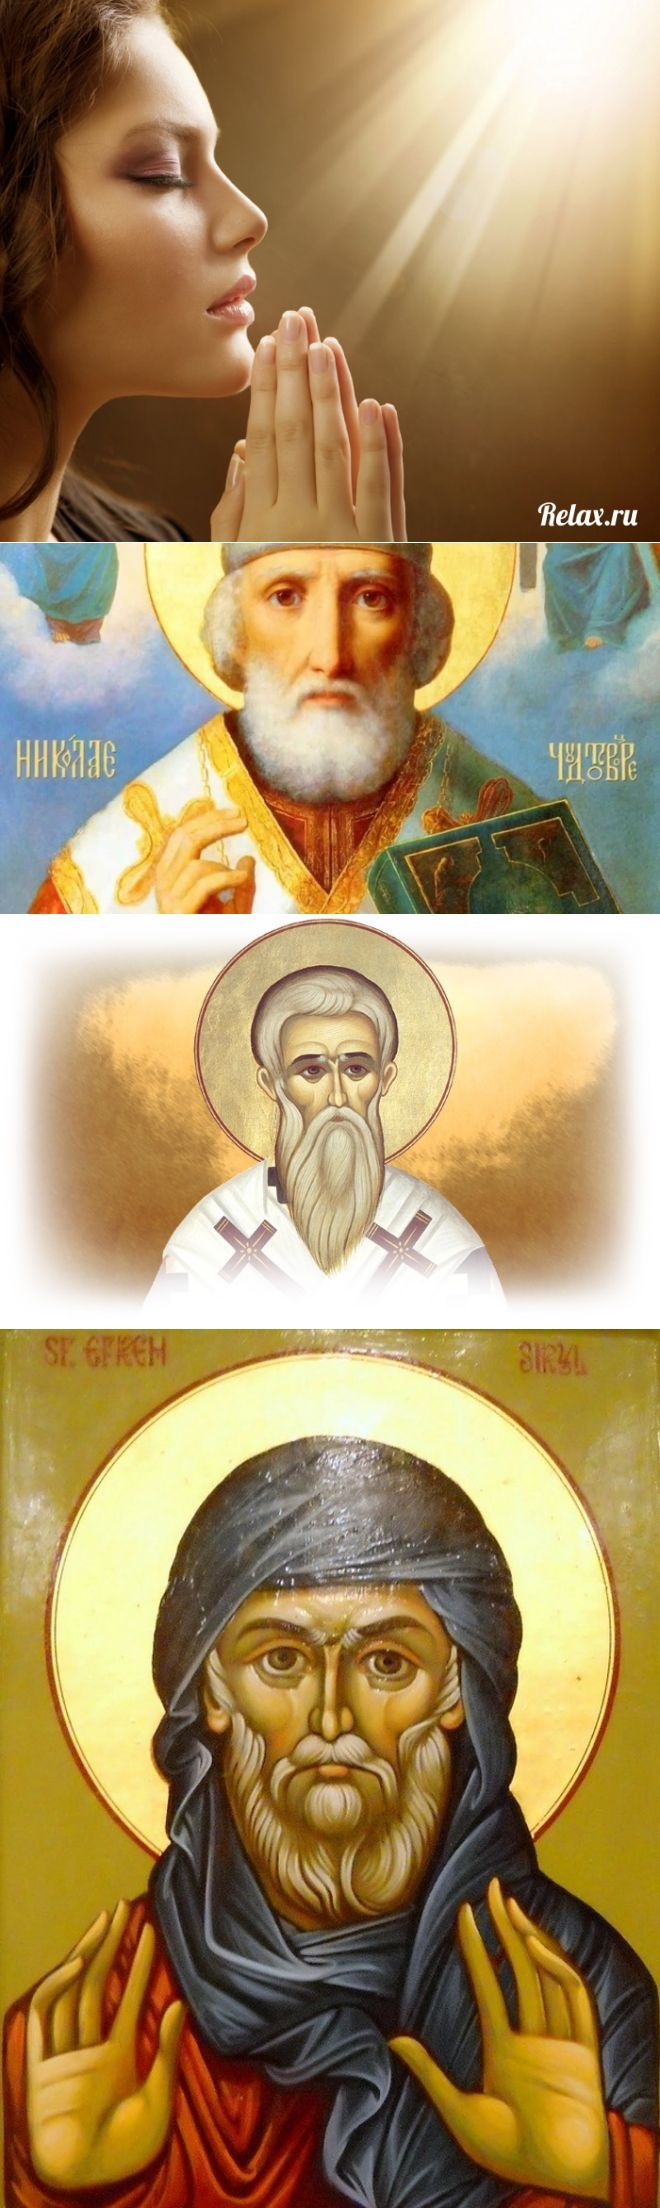 Три сильных молитвы, которые способны изменить судьбу!.